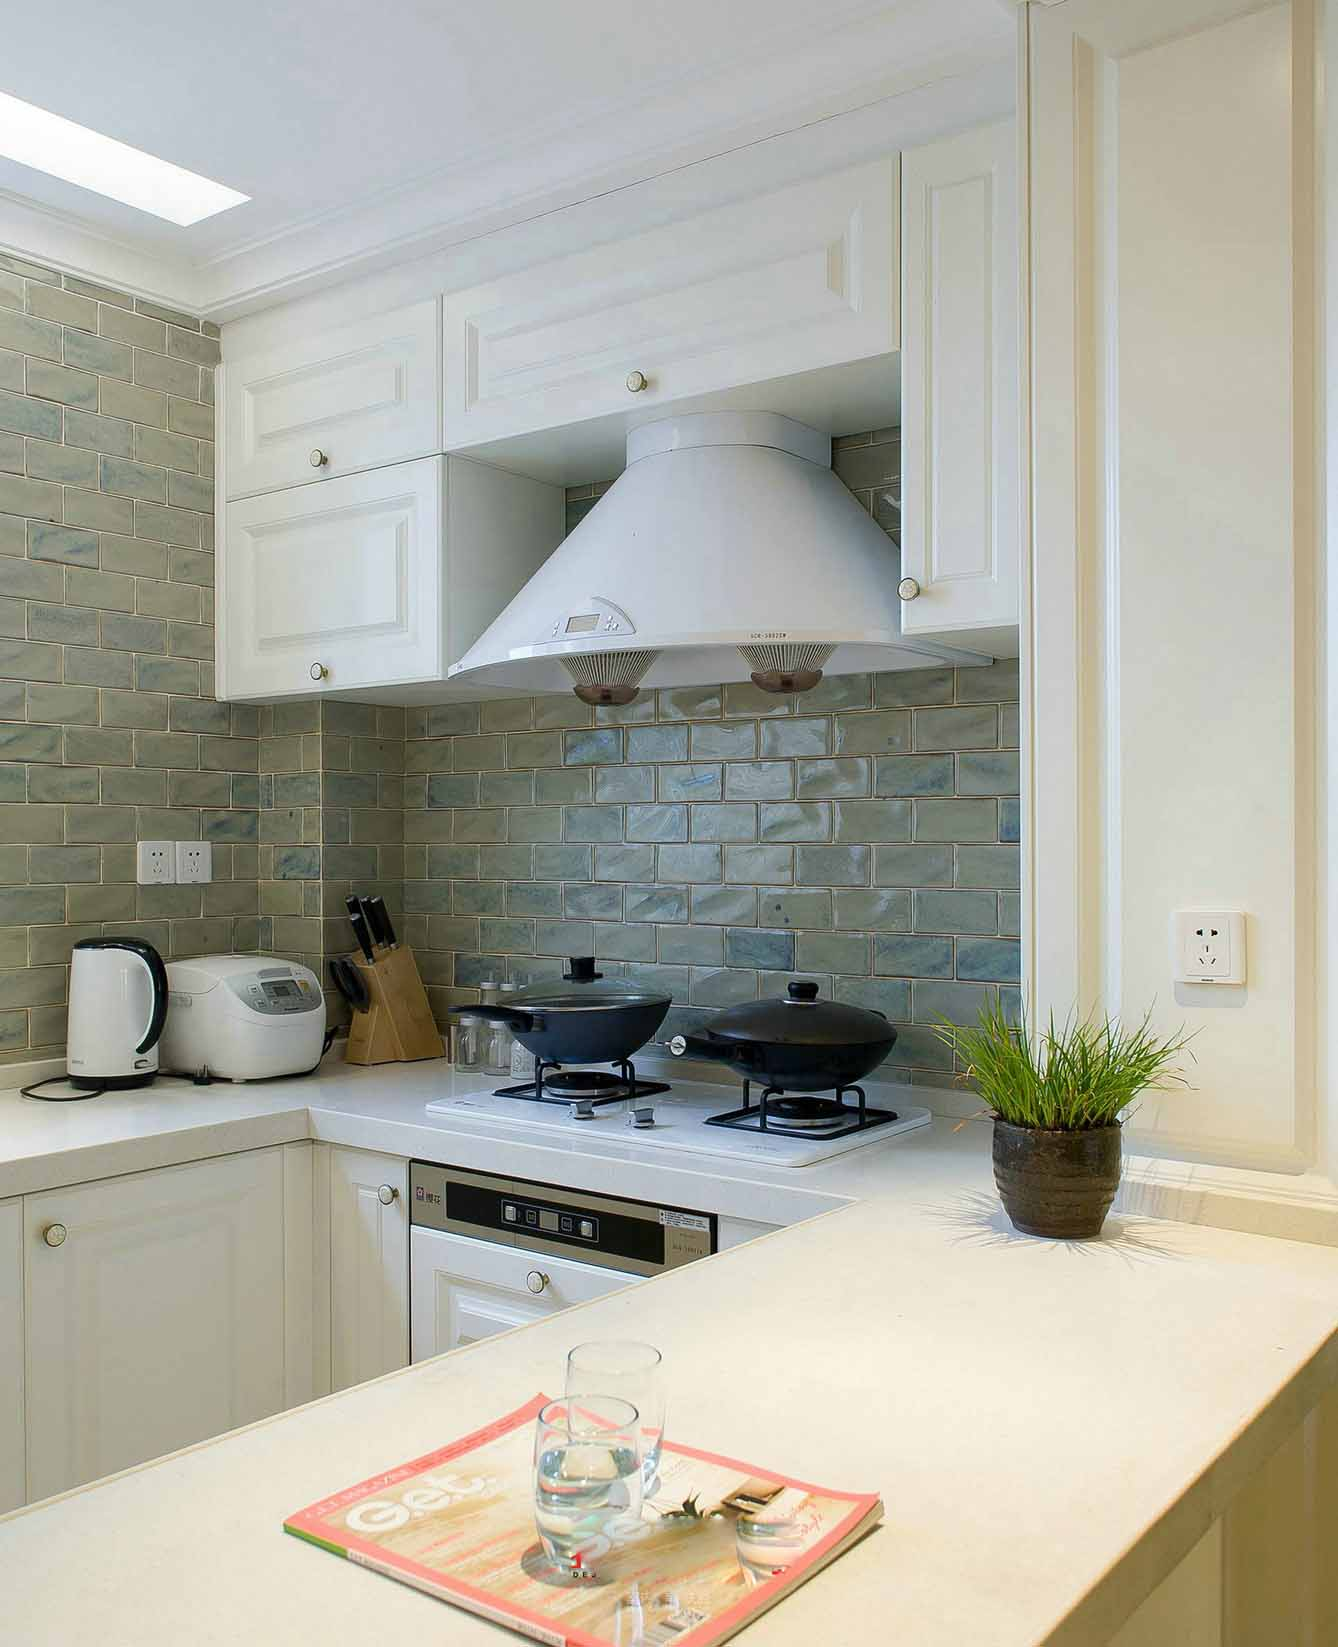 时尚舒适美式室内厨房装修图片